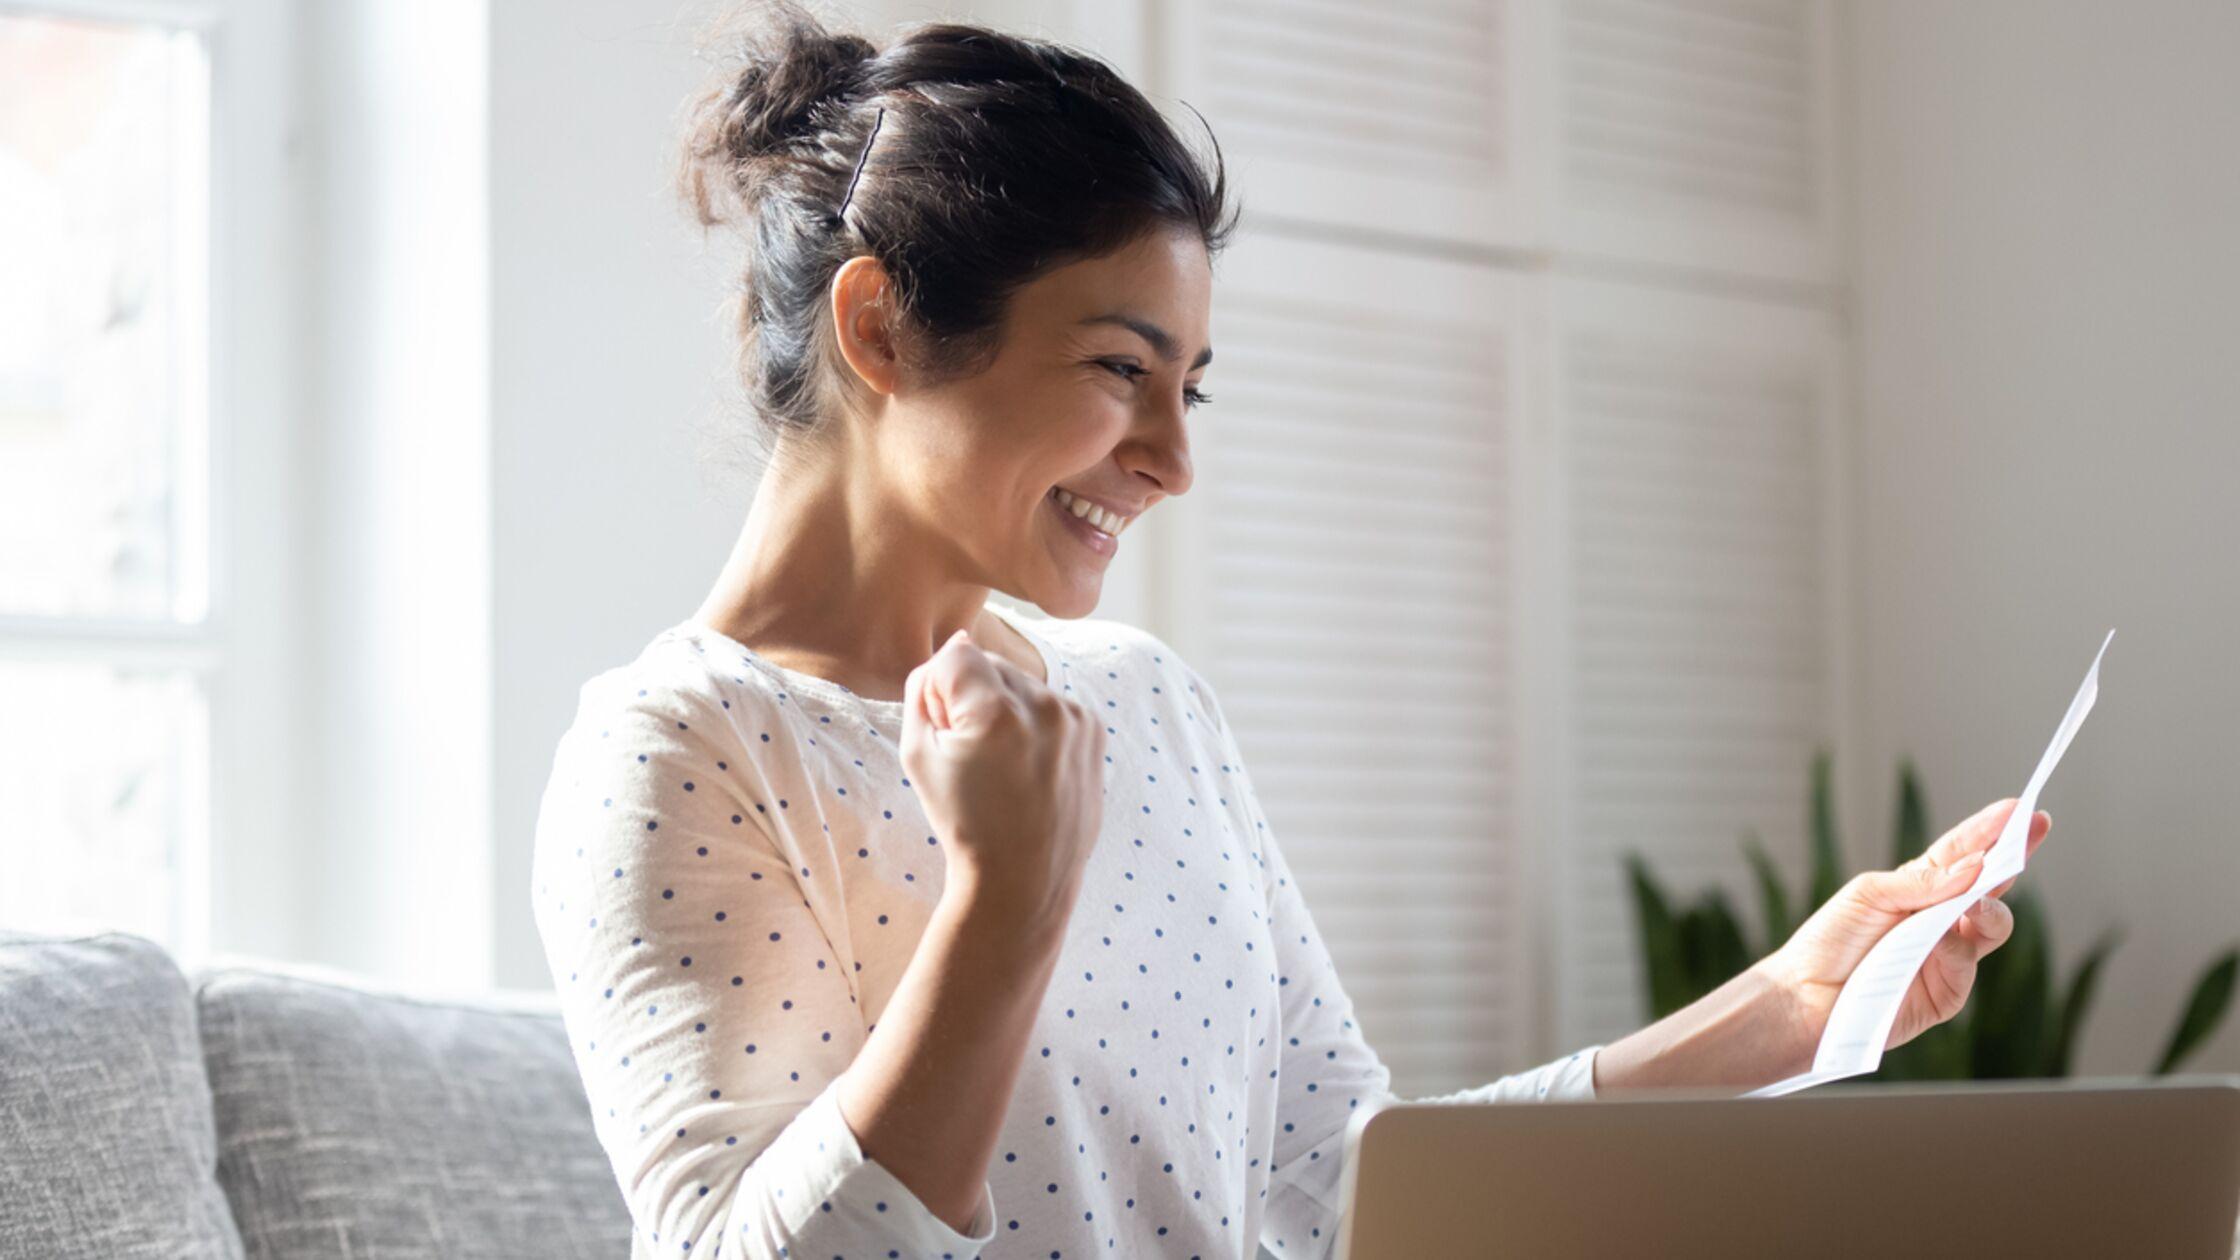 Frau freut sich über Mietkautions-Rückzahlungs-Schreiben